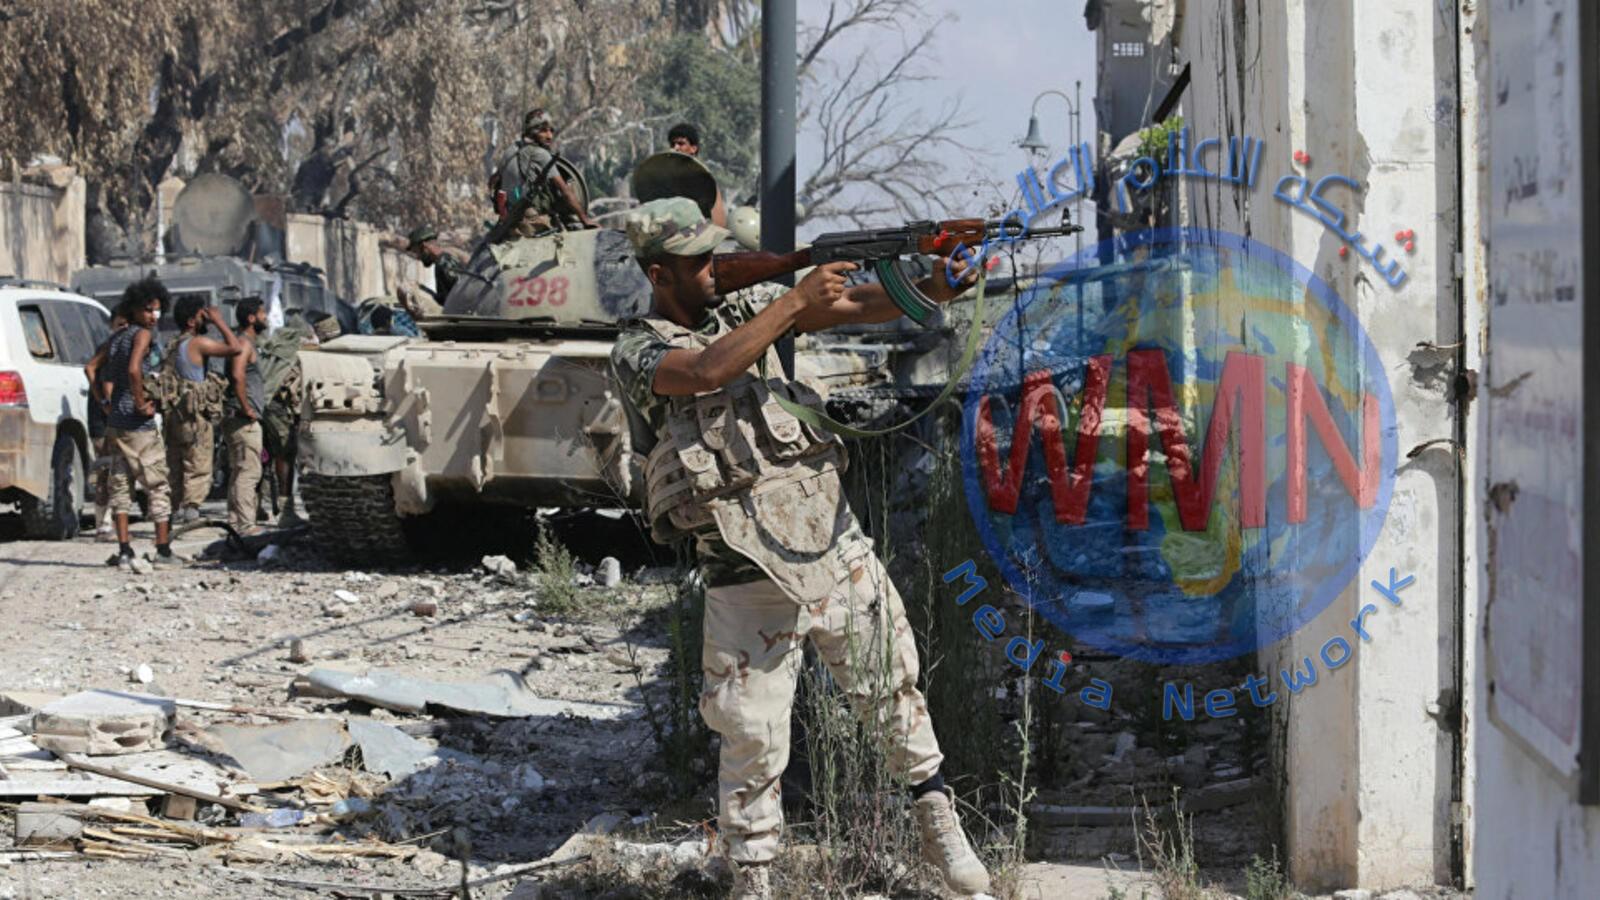 ليبيا: اشتباكات عنيفة وغارات مكثفة على العاصمة طرابلس